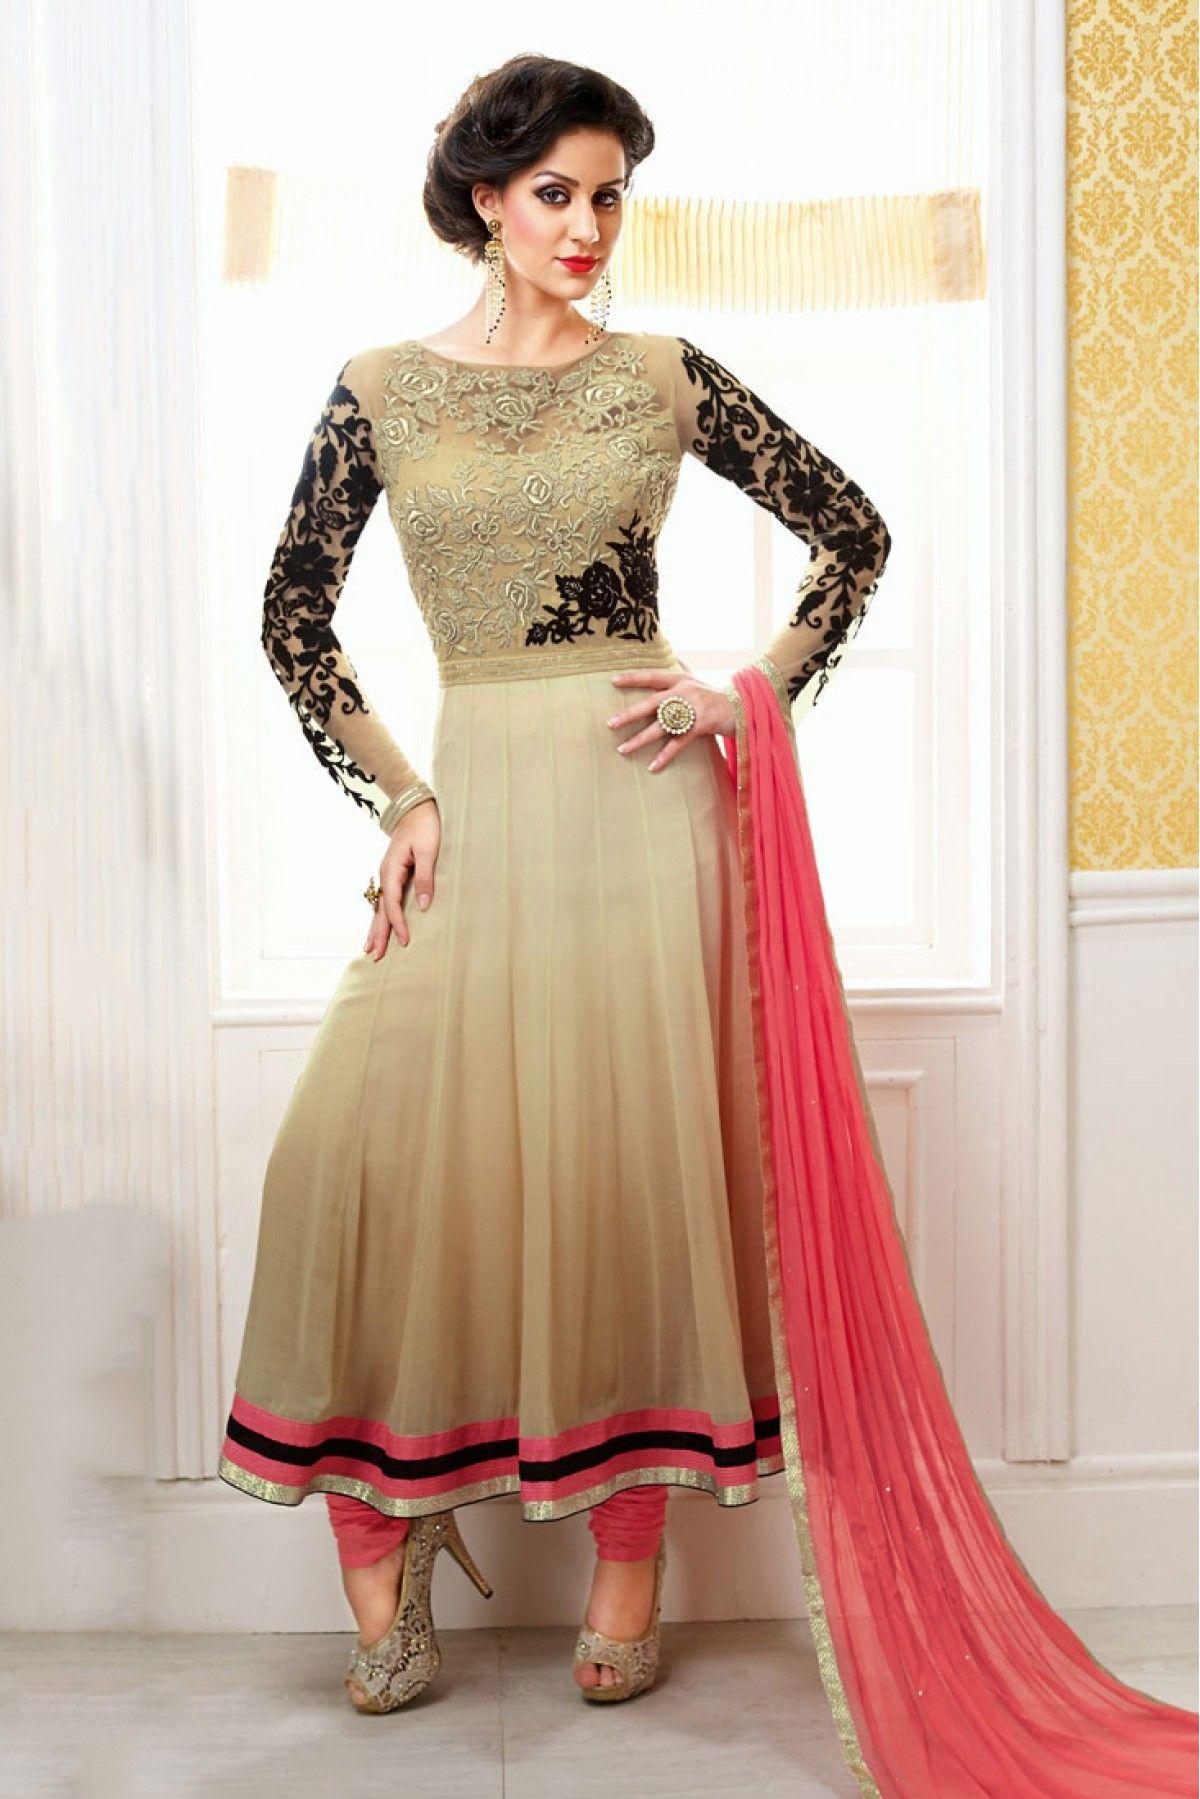 Designer salwar kameez mesmeric peach color net designer suit - Georgette Party Wear Anarkali Style In Beige Pink Colour Wedding Suitswedding Wearspring Weddingindian Bridal Fashiondesigner Anarkalidesigner Salwar